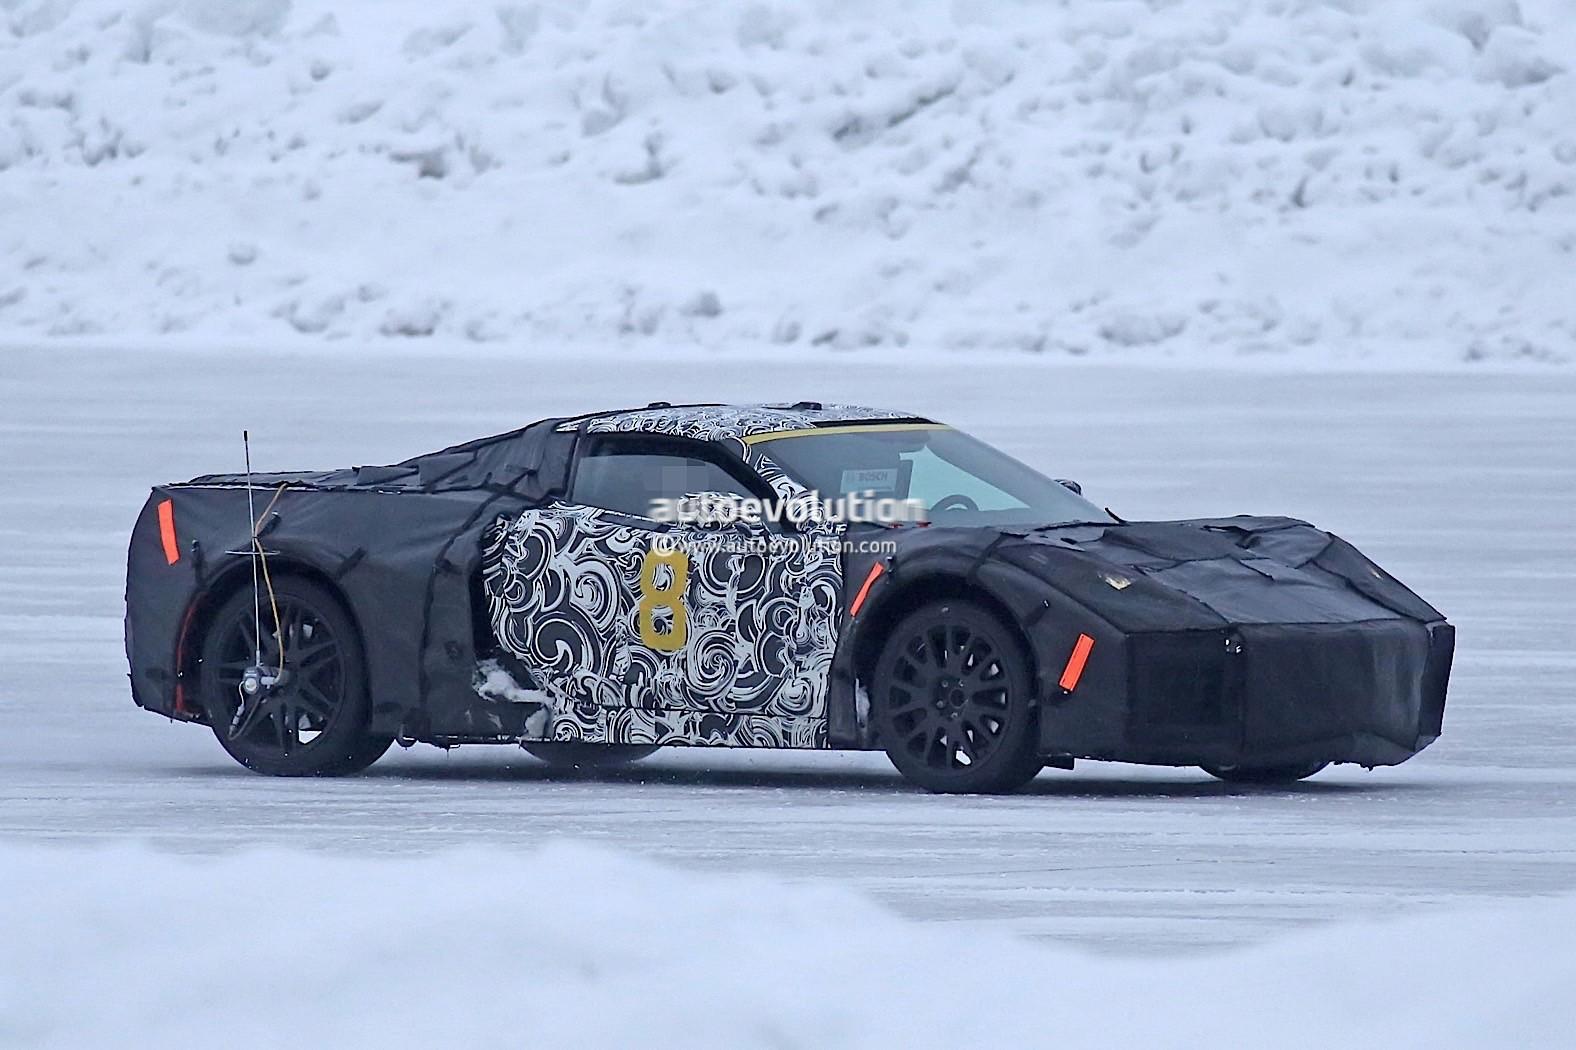 GM LT7 Twin-Turbo V8 For Mid-Engine Corvette Leaked ...